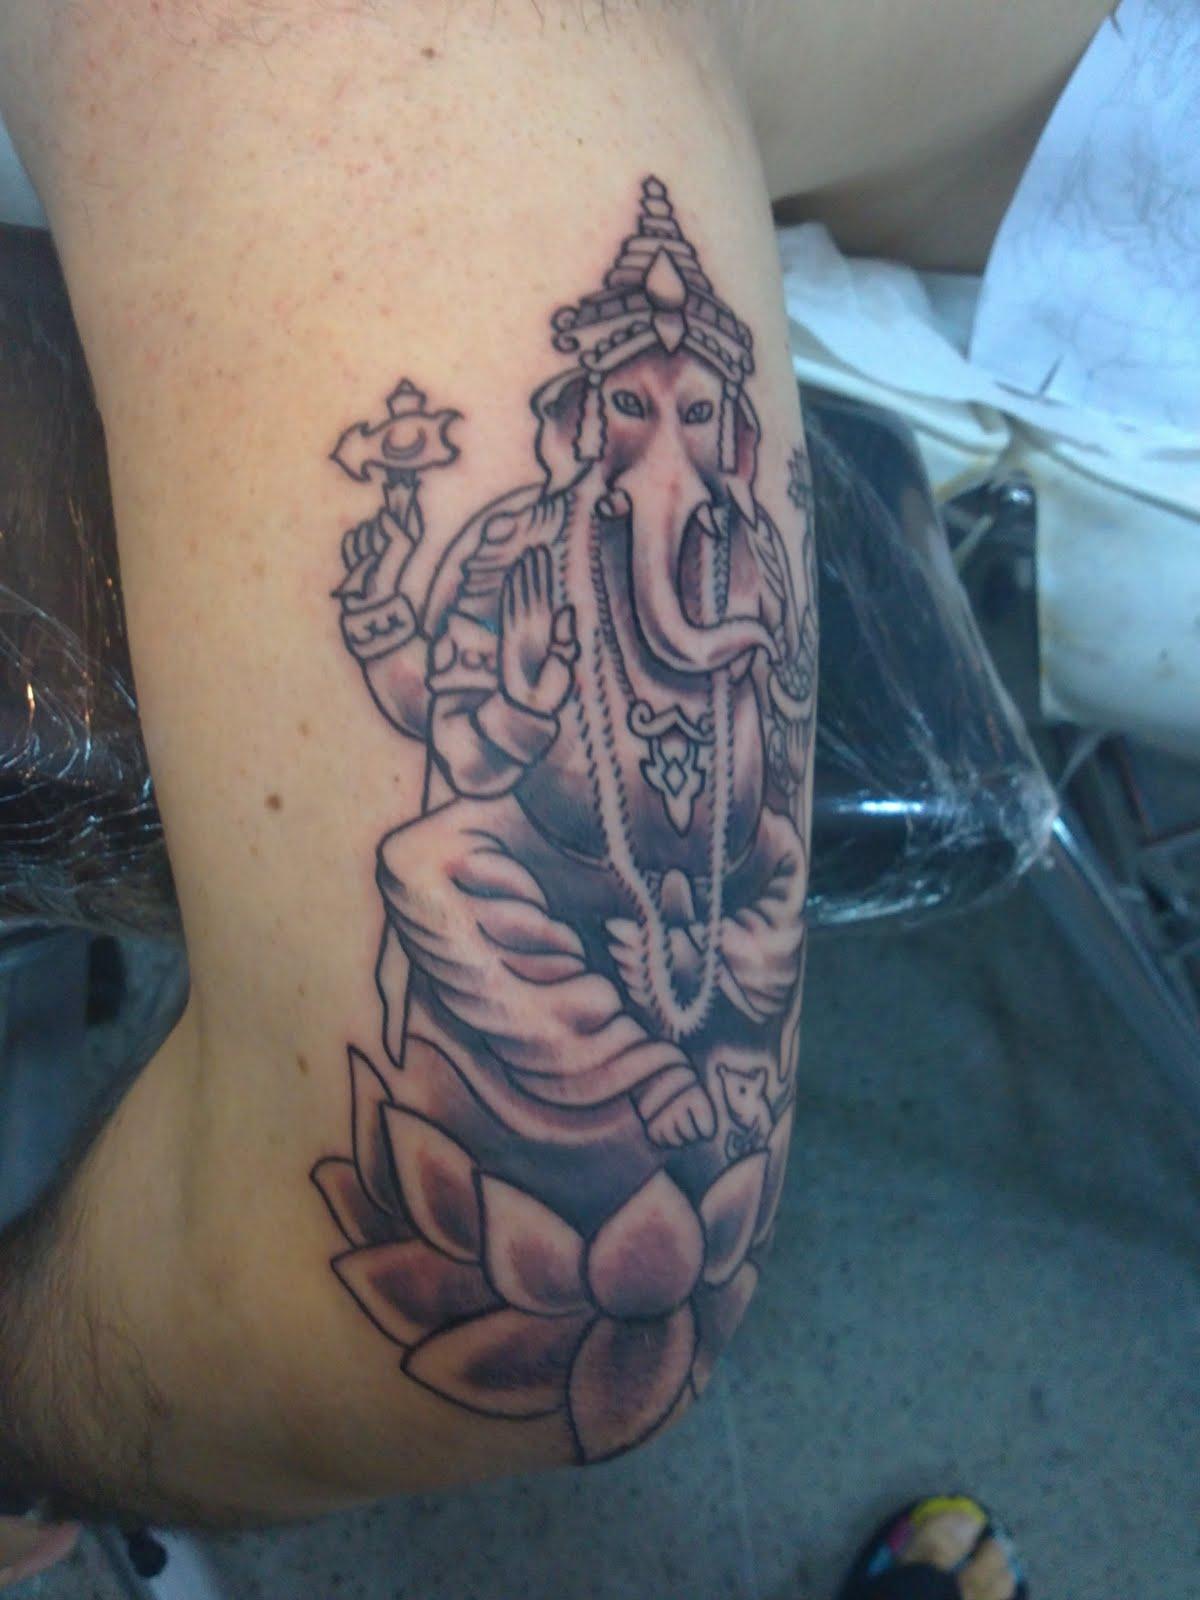 JUANPE: tatuaje de ganesha - ganesh tattoo - ganesha tatuagem